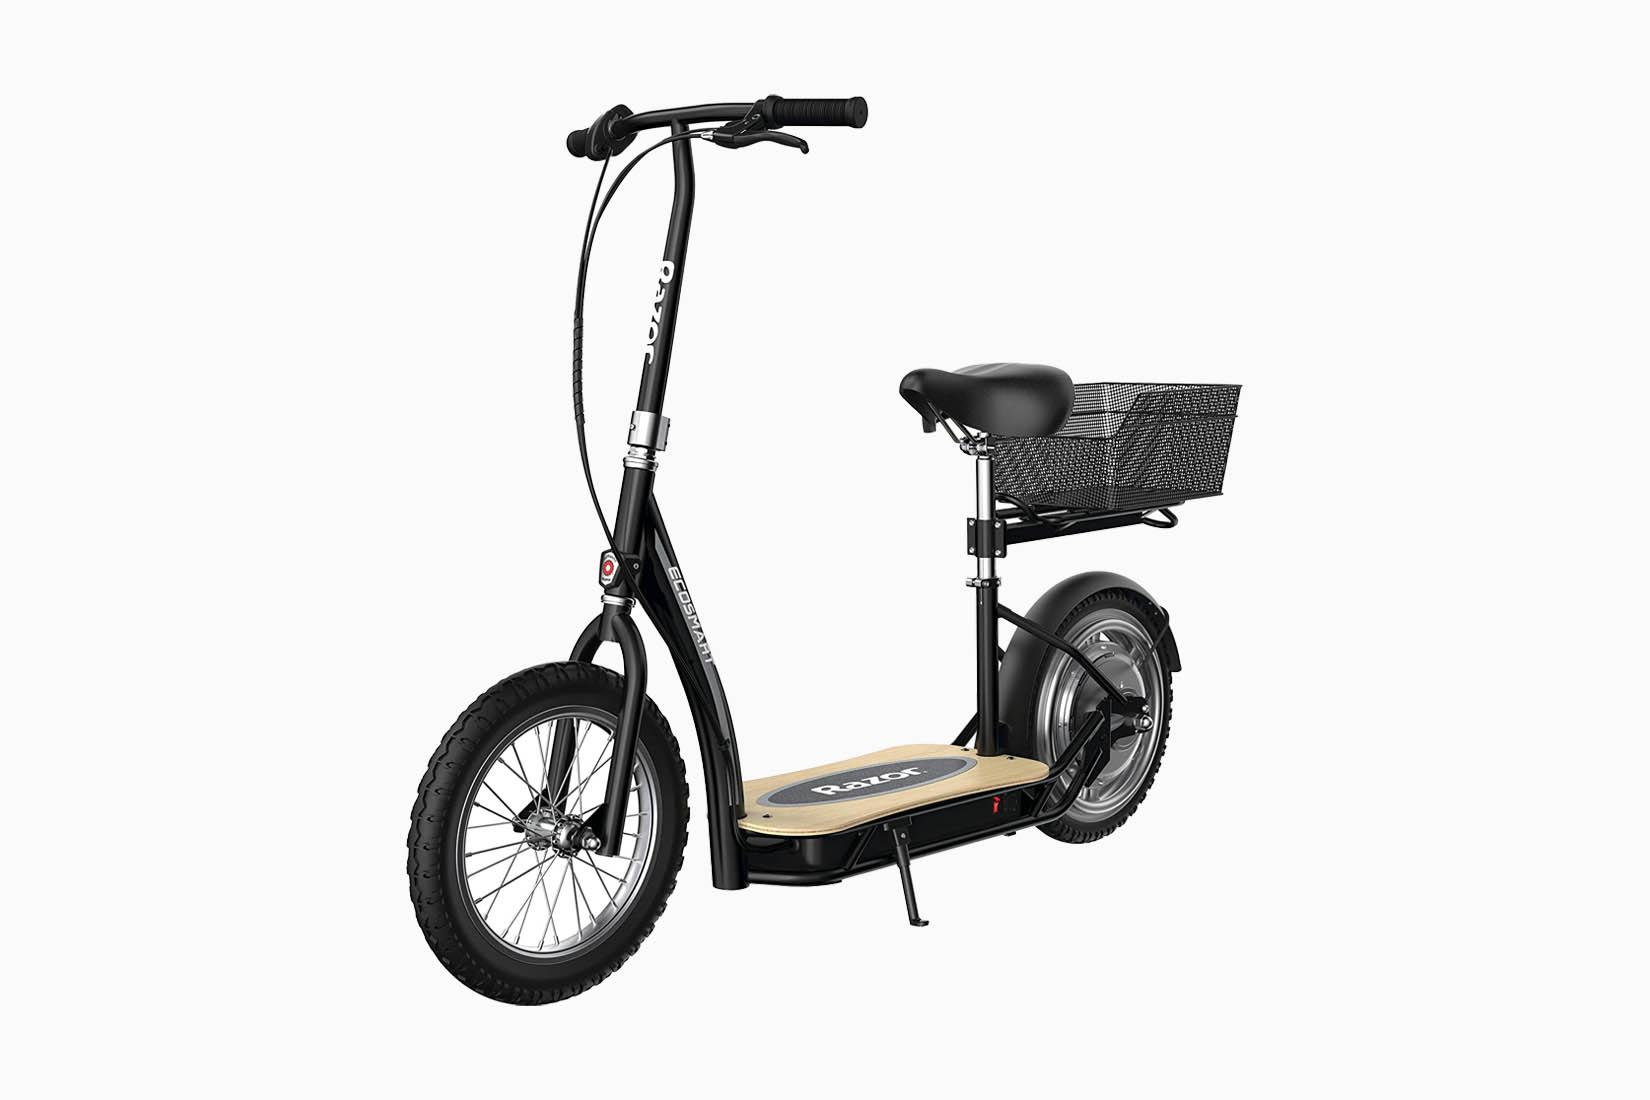 best electric scooter razor ecosmart metro review - Luxe Digital